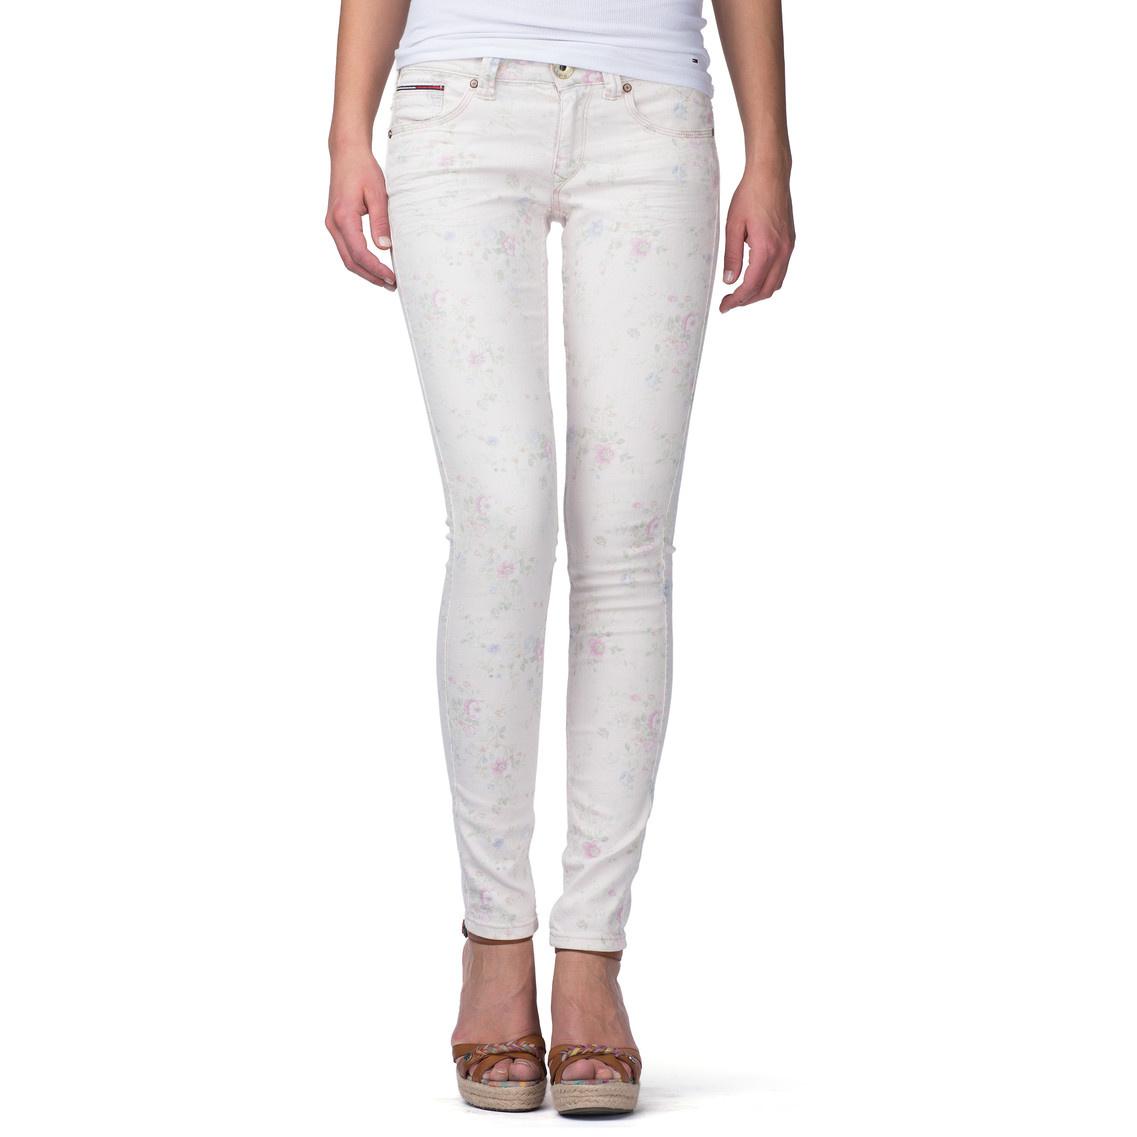 tommy hilfiger sophie super slim fit jeans in white lucie. Black Bedroom Furniture Sets. Home Design Ideas